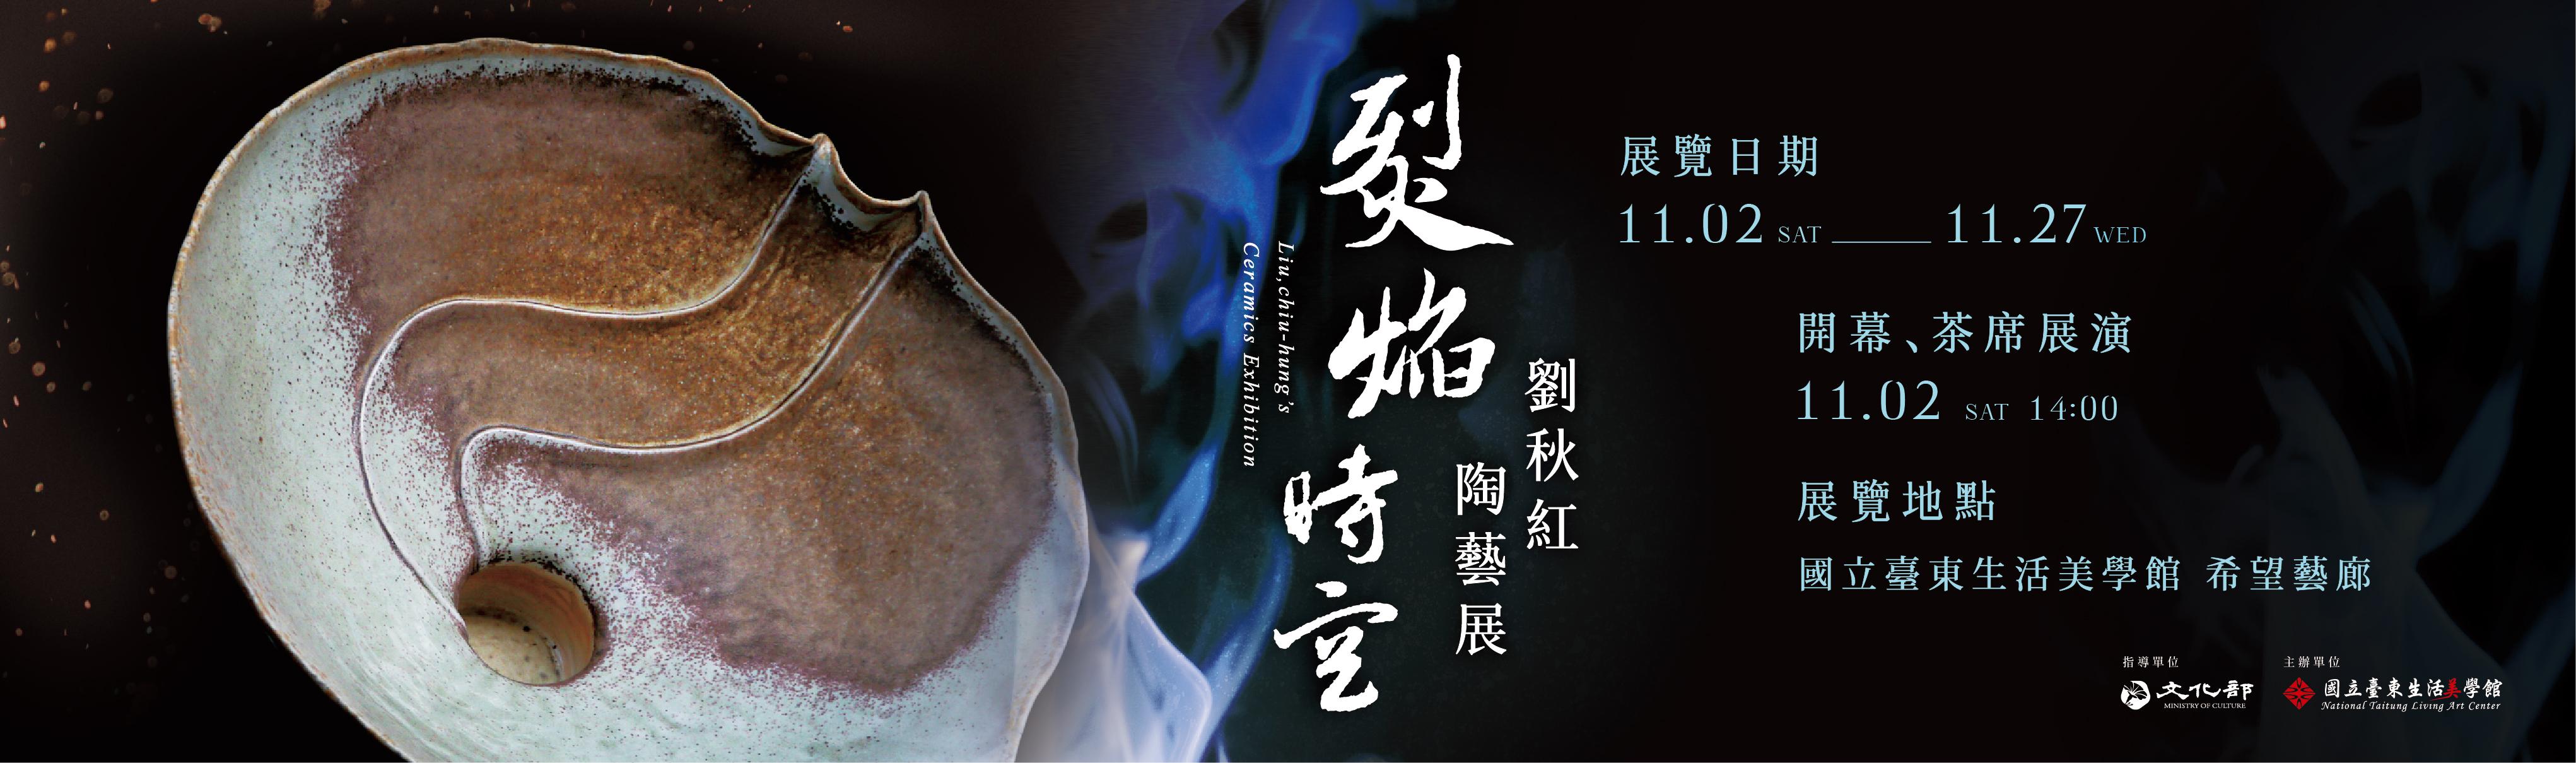 烮焰時空-劉秋紅陶藝展